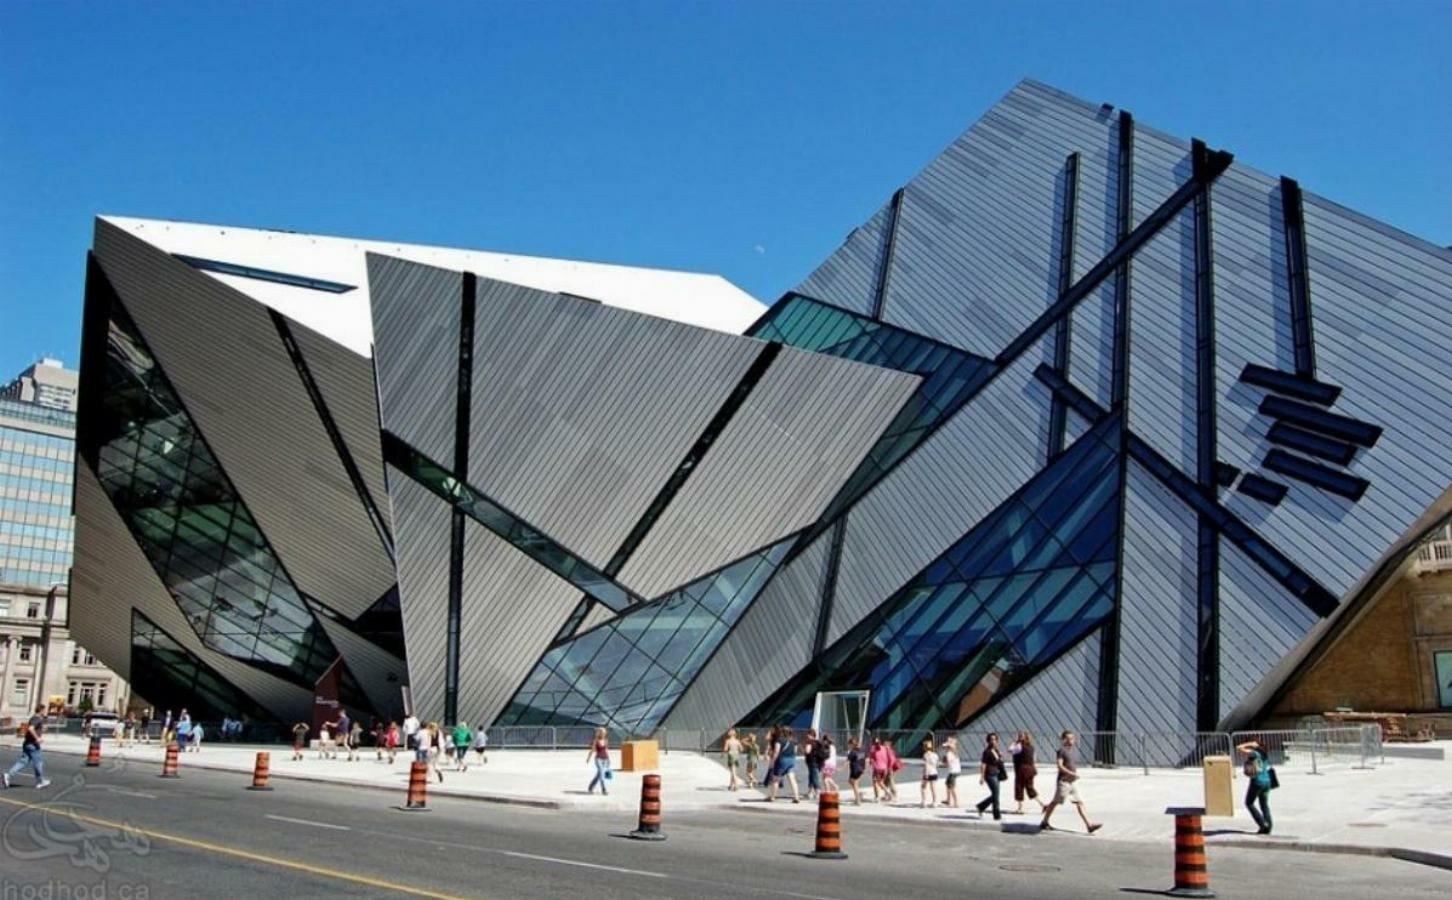 جاذبه های گردشگری کانادا: موزه سلطنتی انتاریو